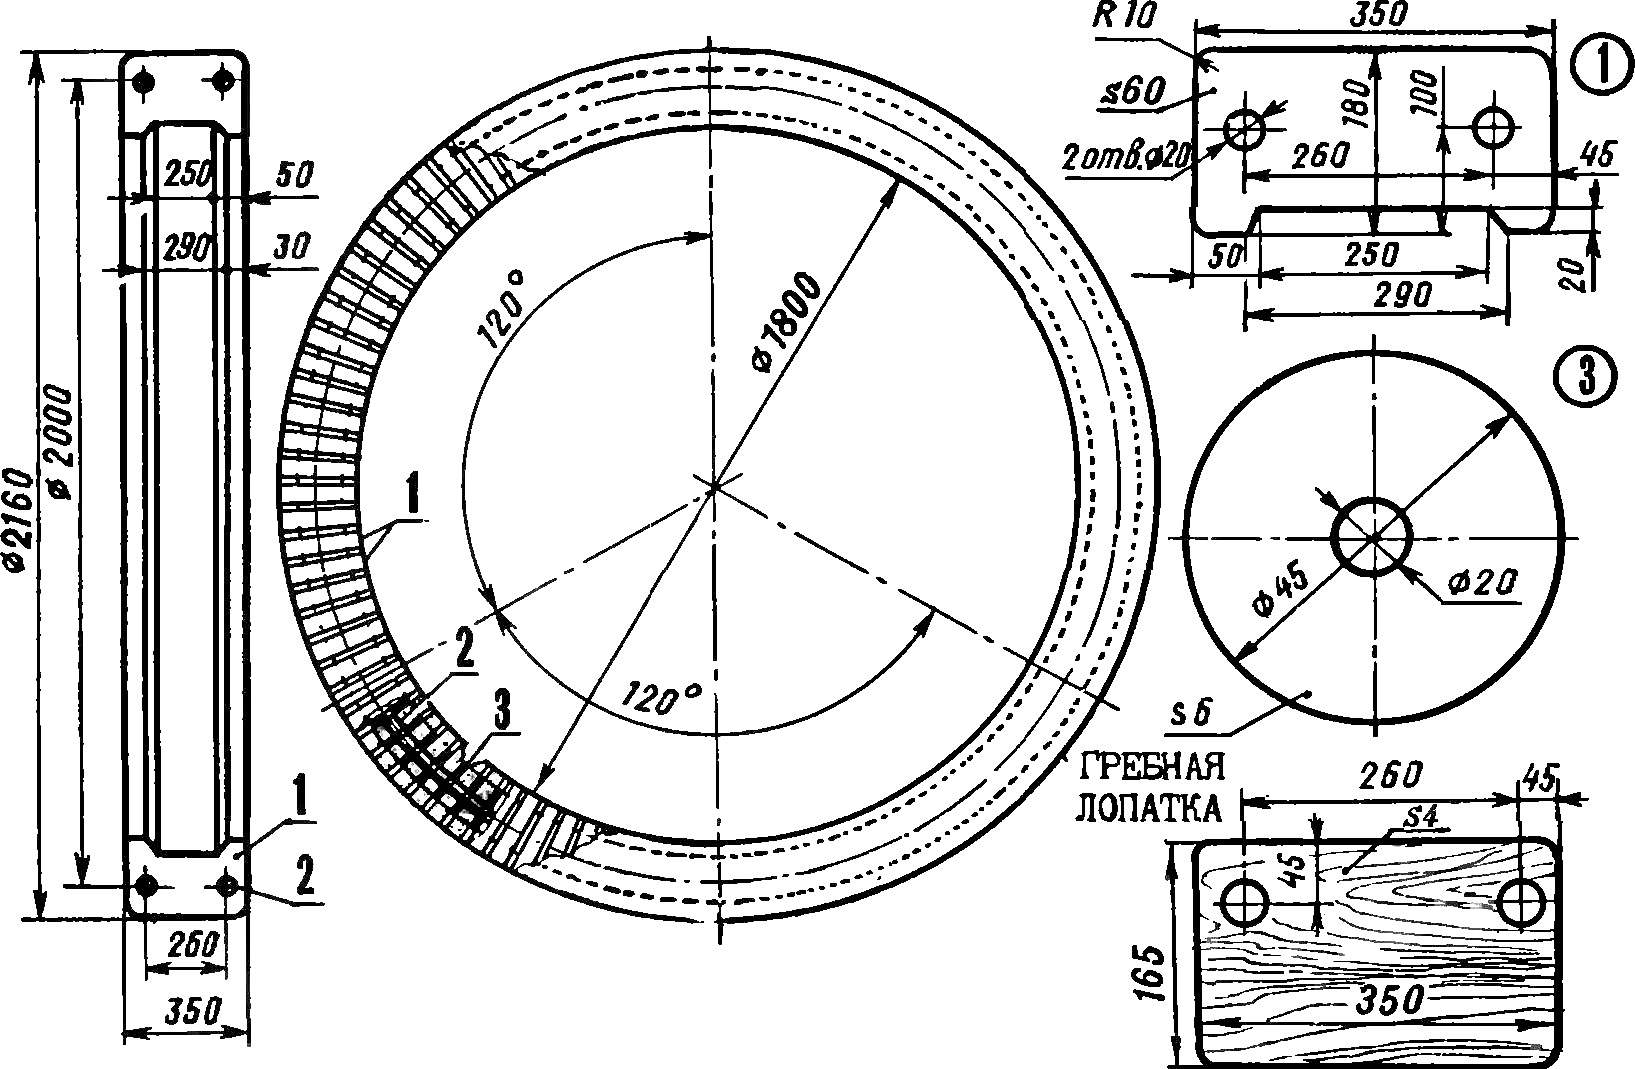 Рис. 1. Водное колесо в сборе.